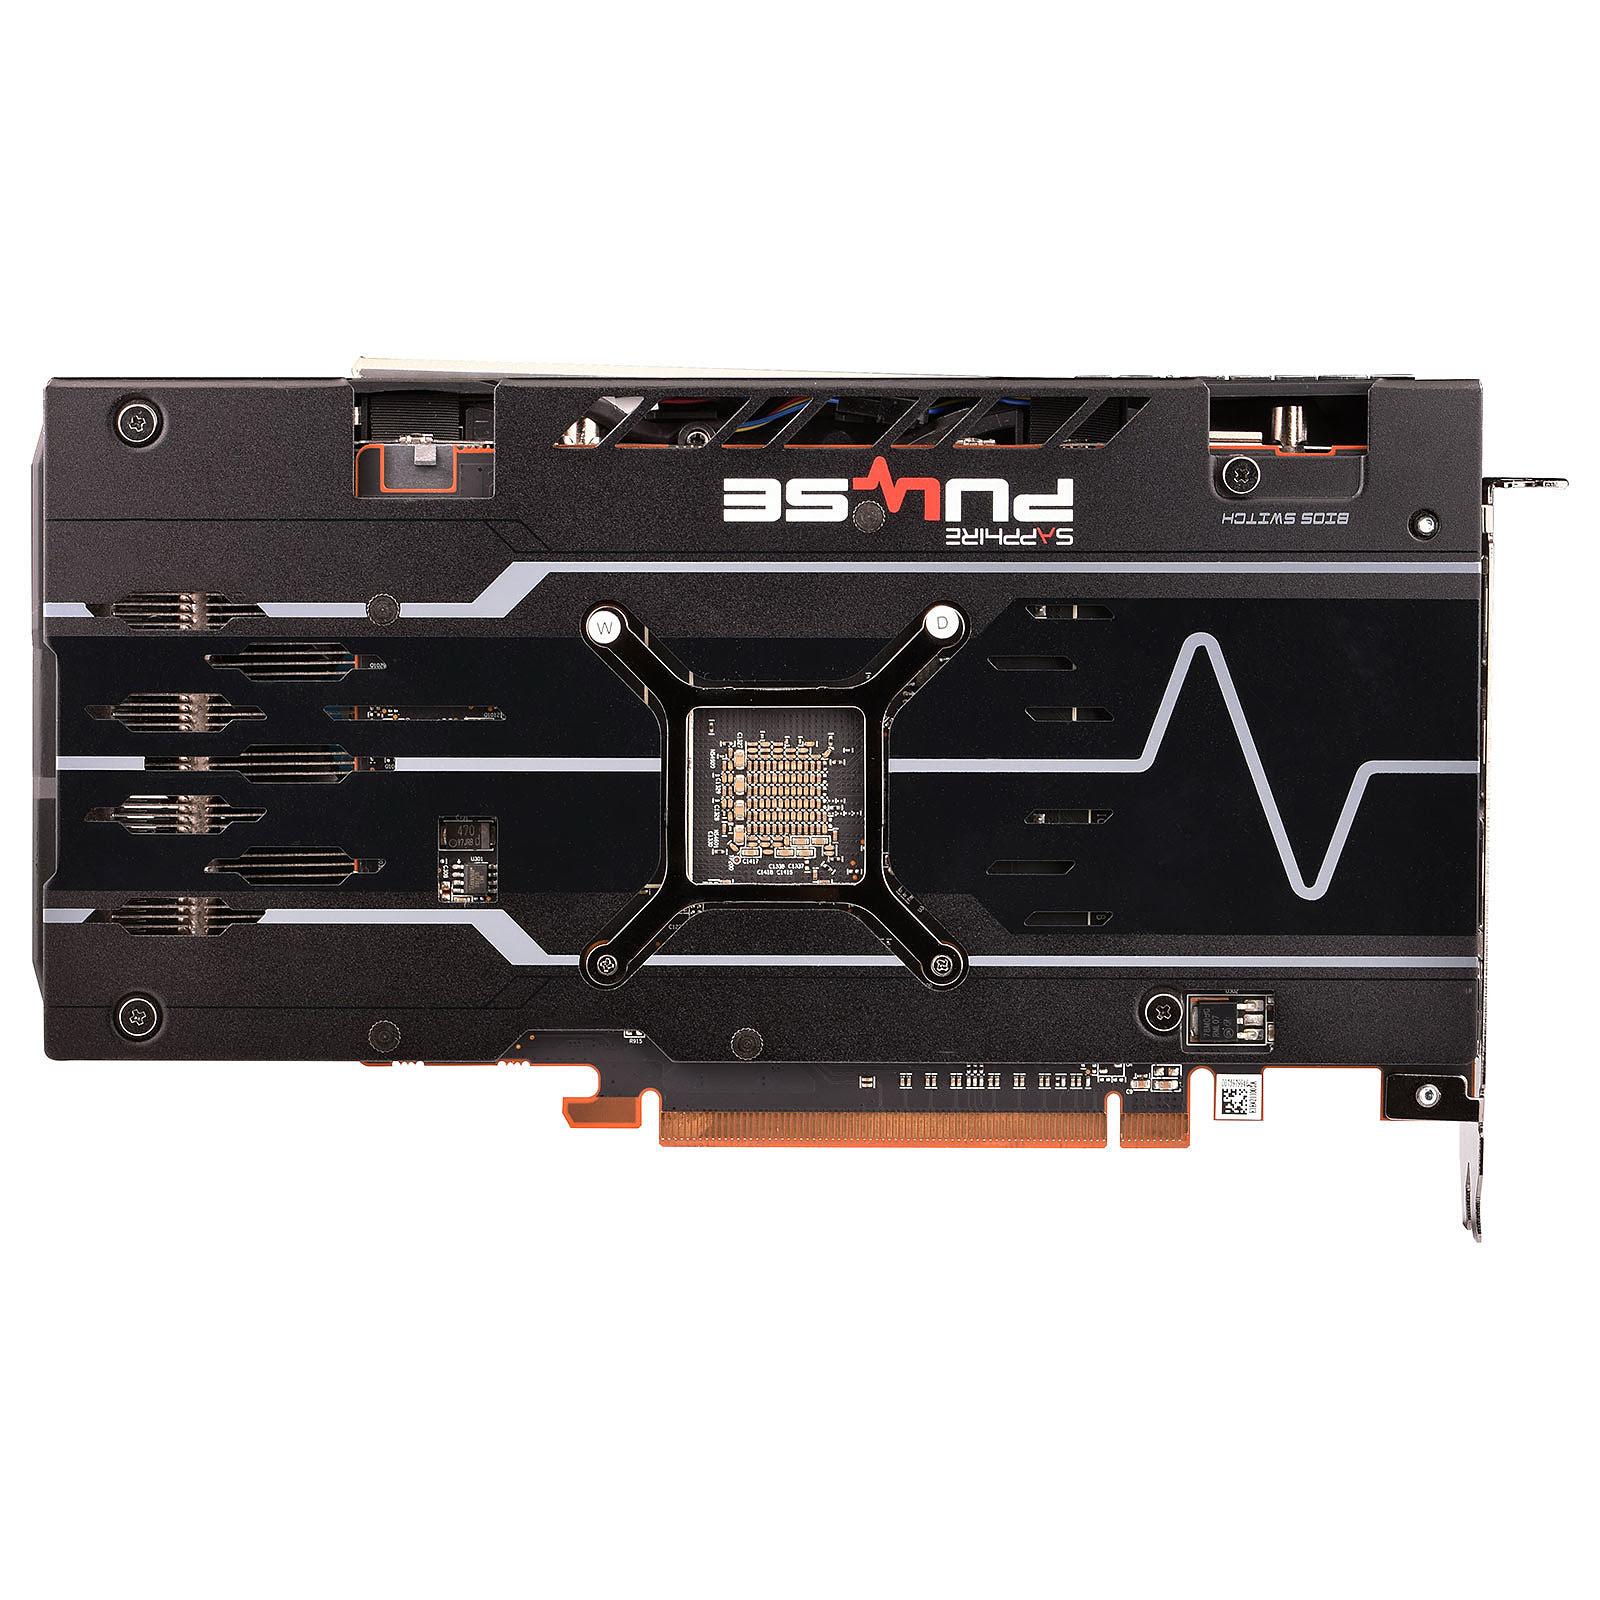 Sapphire Pulse RX 5500 XT 8G 8Go - Carte graphique Sapphire - 1